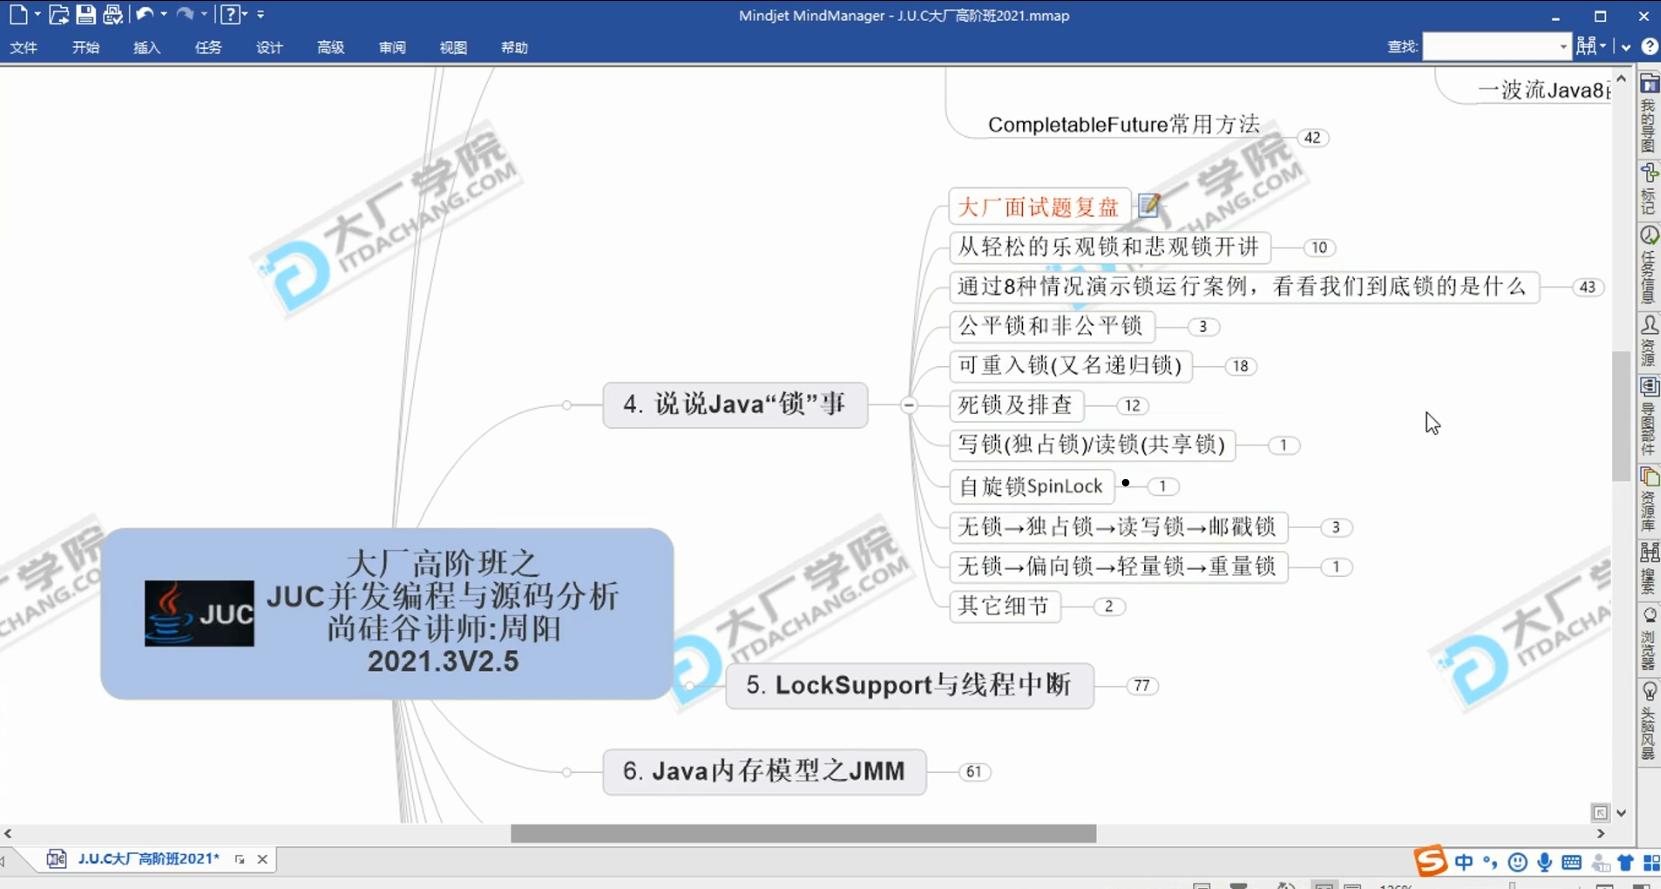 JUC并发编程与源码分析课程(草根课堂无密分享)